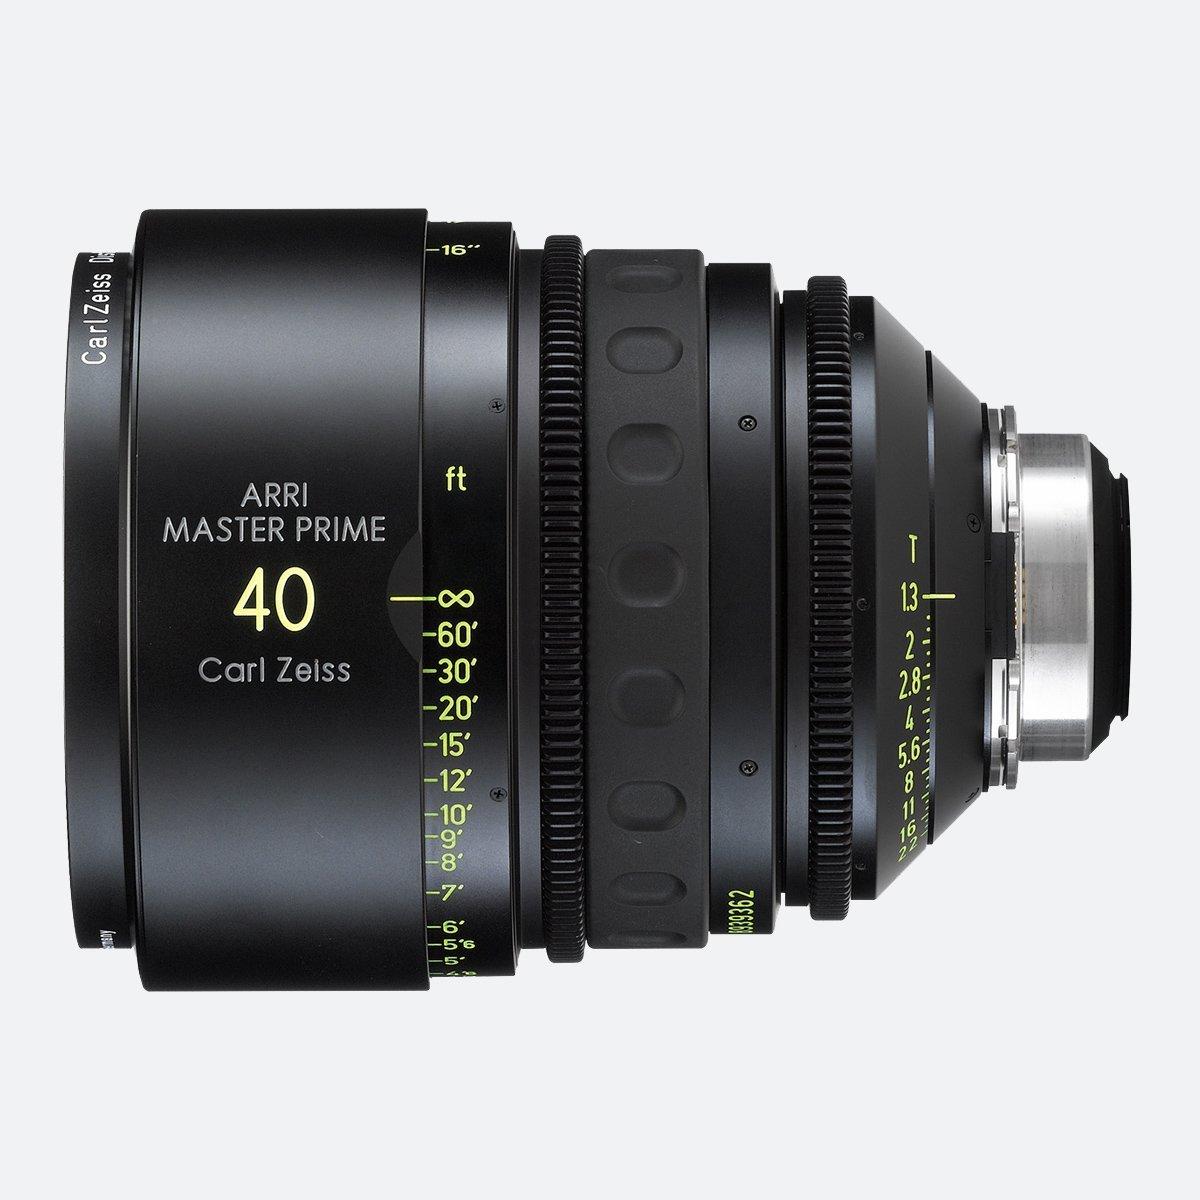 ARRI 40mm T1.3 Master Prime Lens